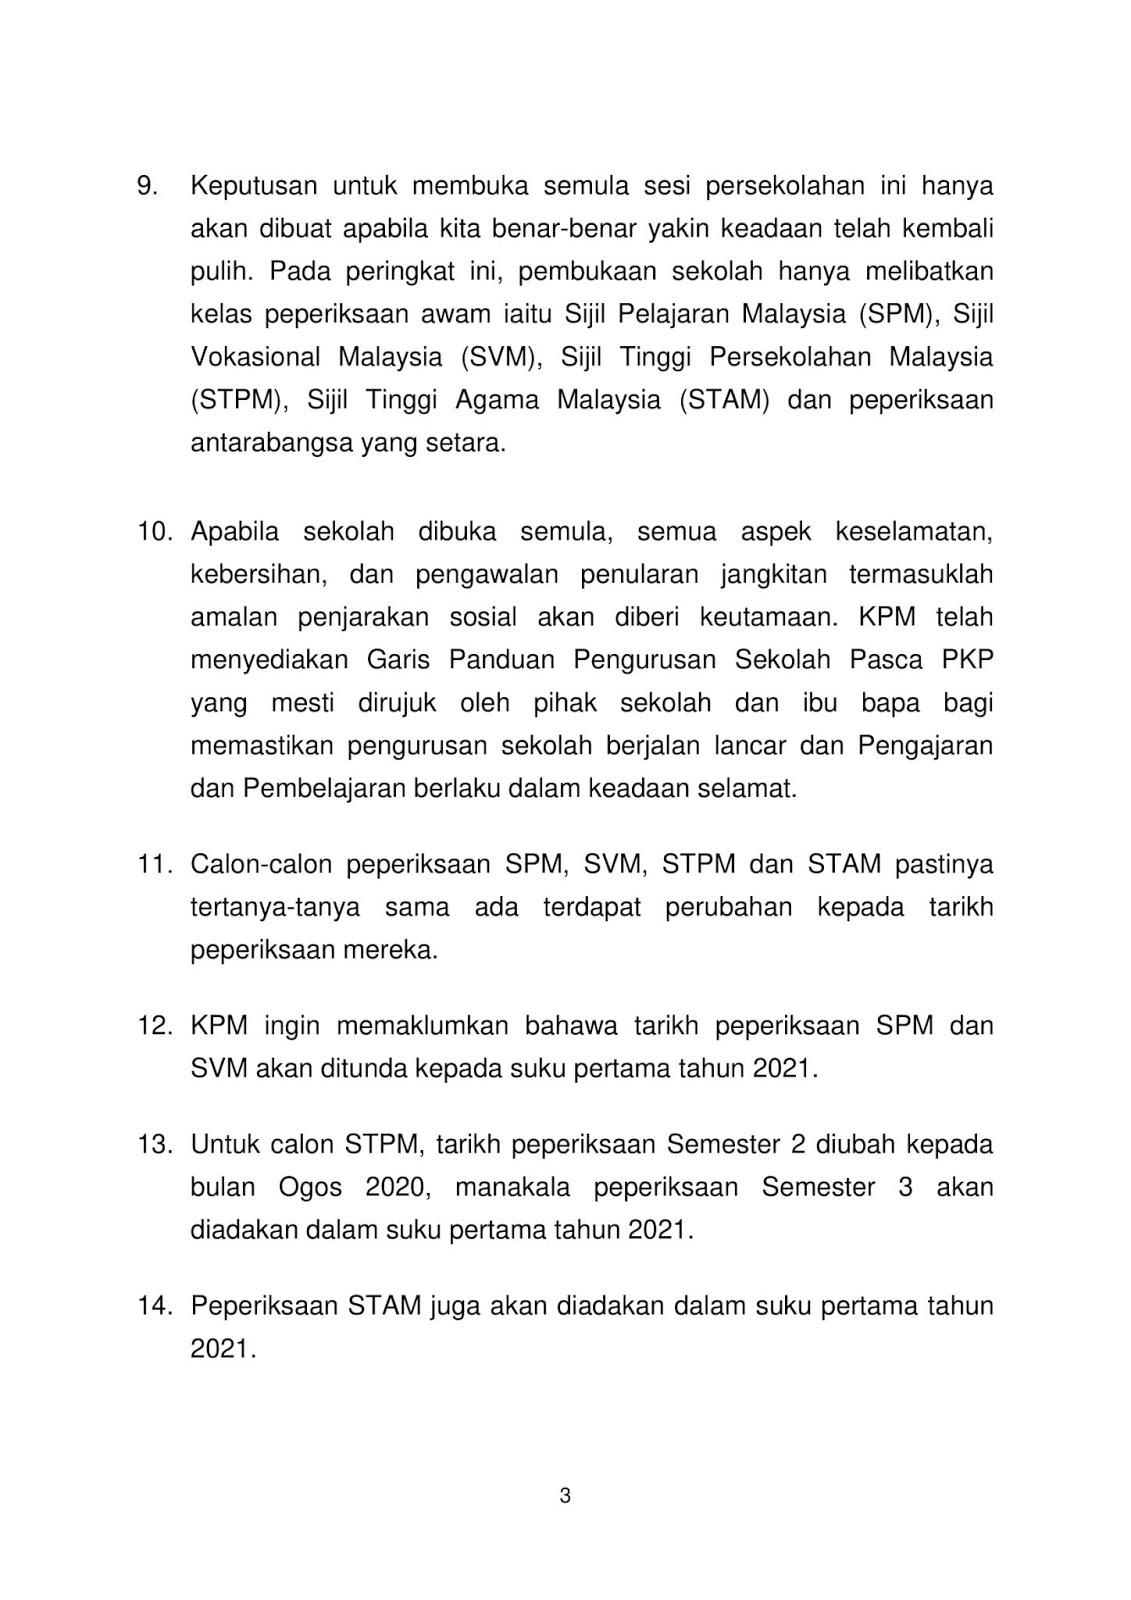 V7 TEKS%2BUCAPAN%2BPELAN%2BTINDAKAN%2BPERSEKOLAHAN%2BPASCA%2BPKP 3 - COVID-19: UPSR, PT3 dibatalkan, SPM, STPM ditunda ke 2021